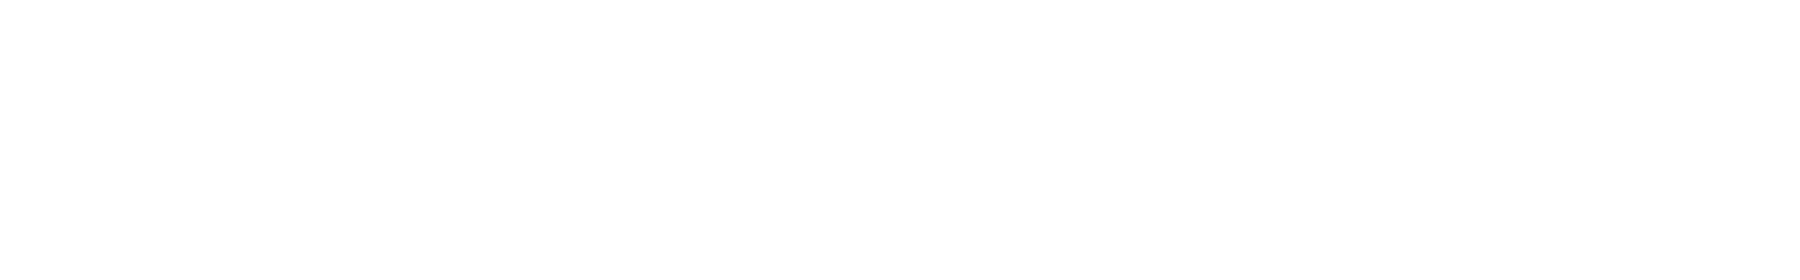 veh2 synths   113 c